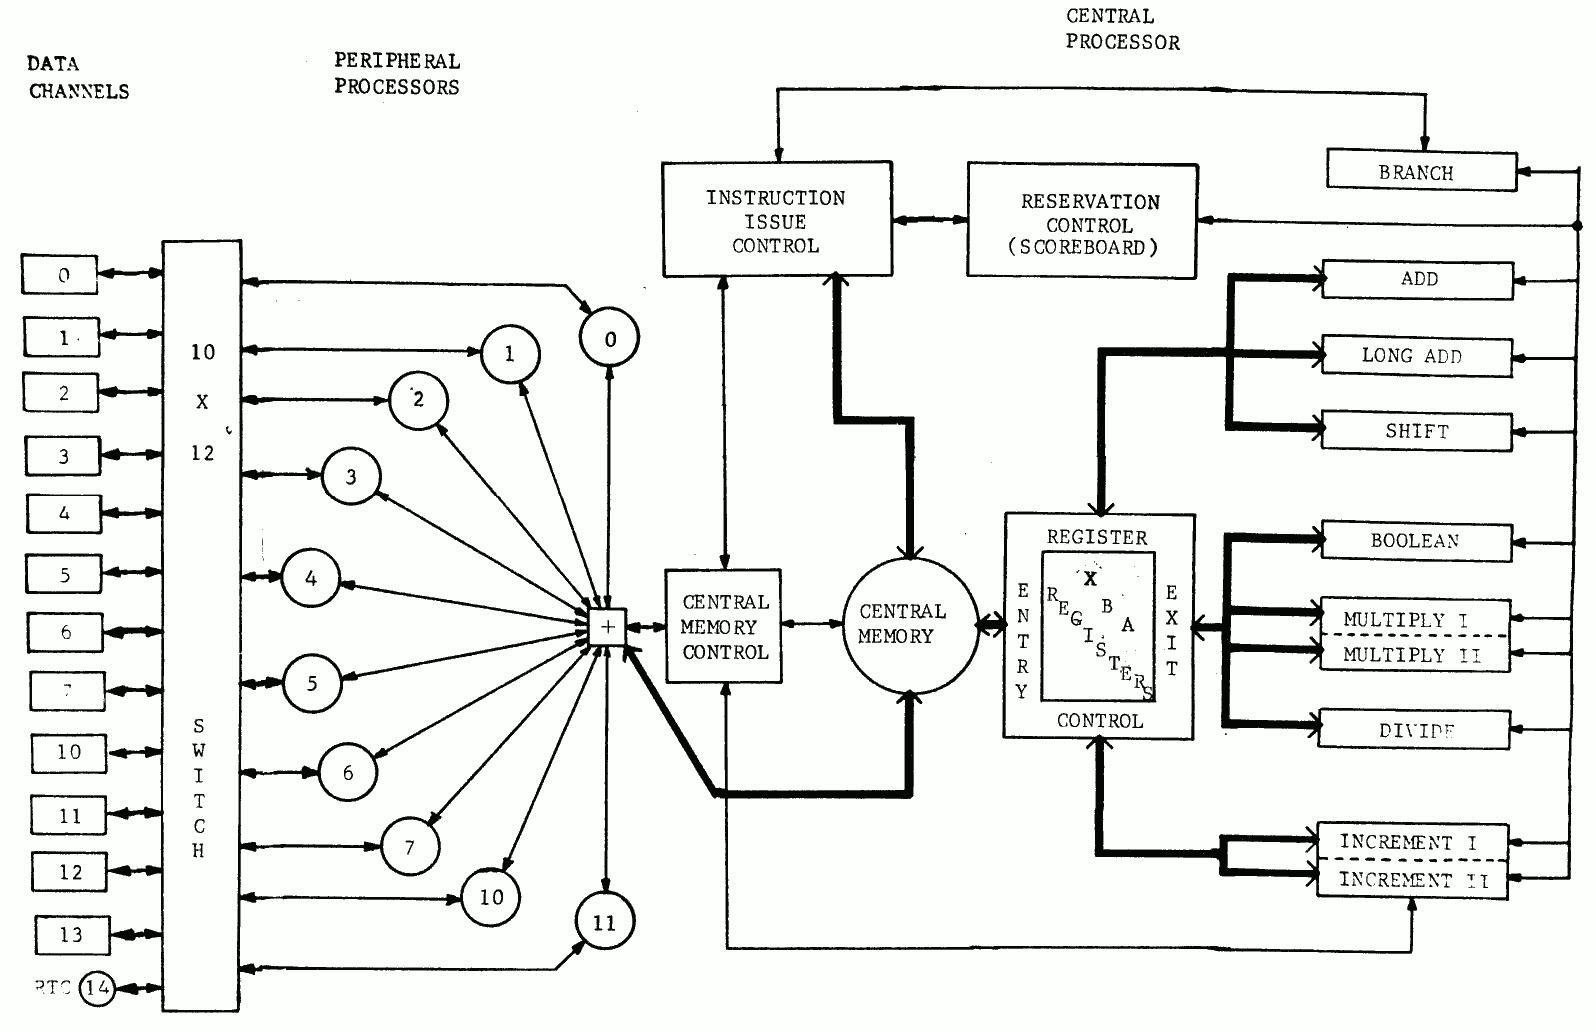 The Cdc Architecture